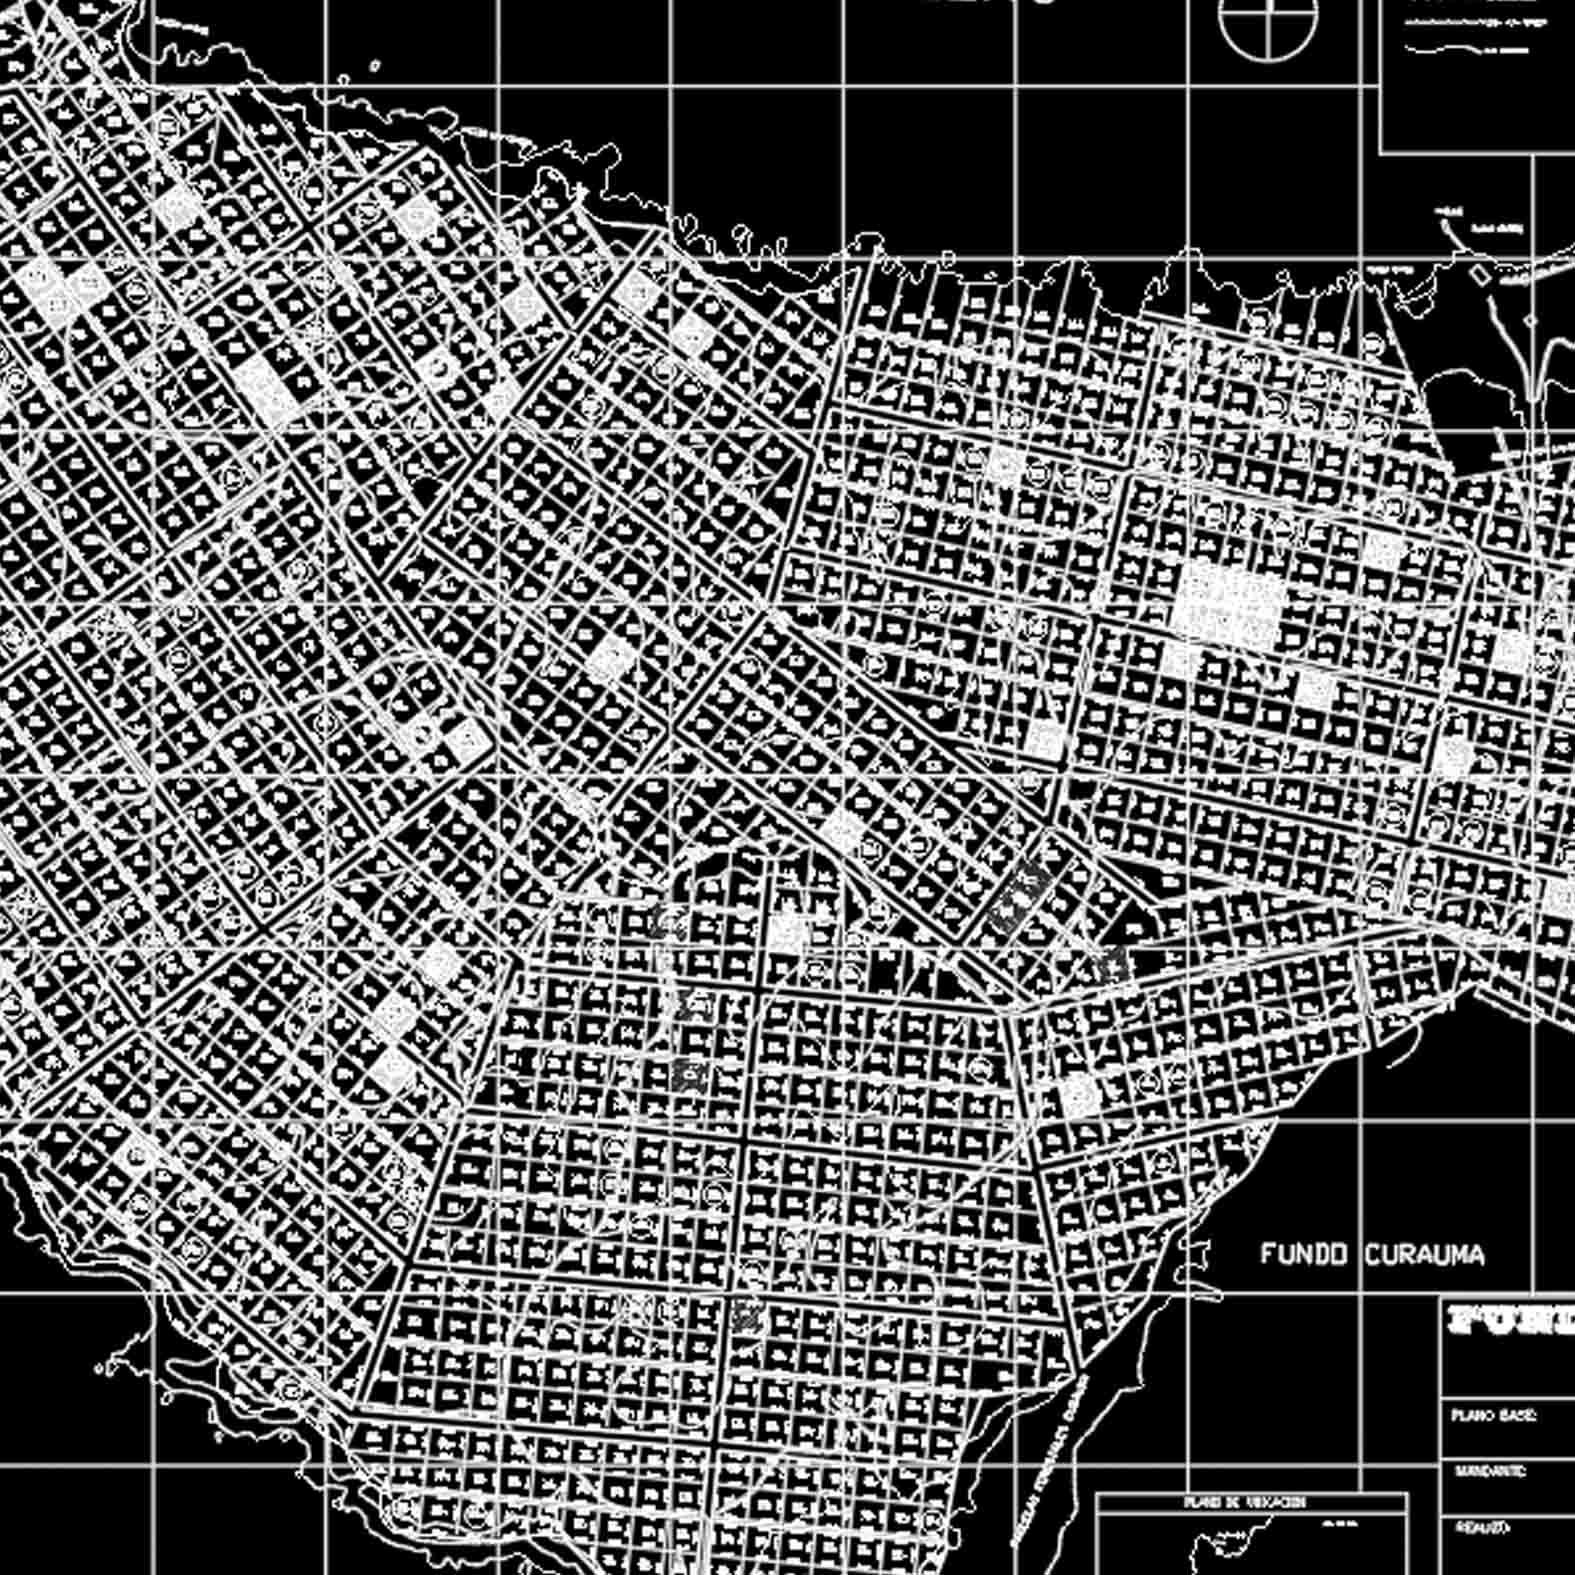 Plano: Fundo Curaumilla - Ciudad de Laguna Verde